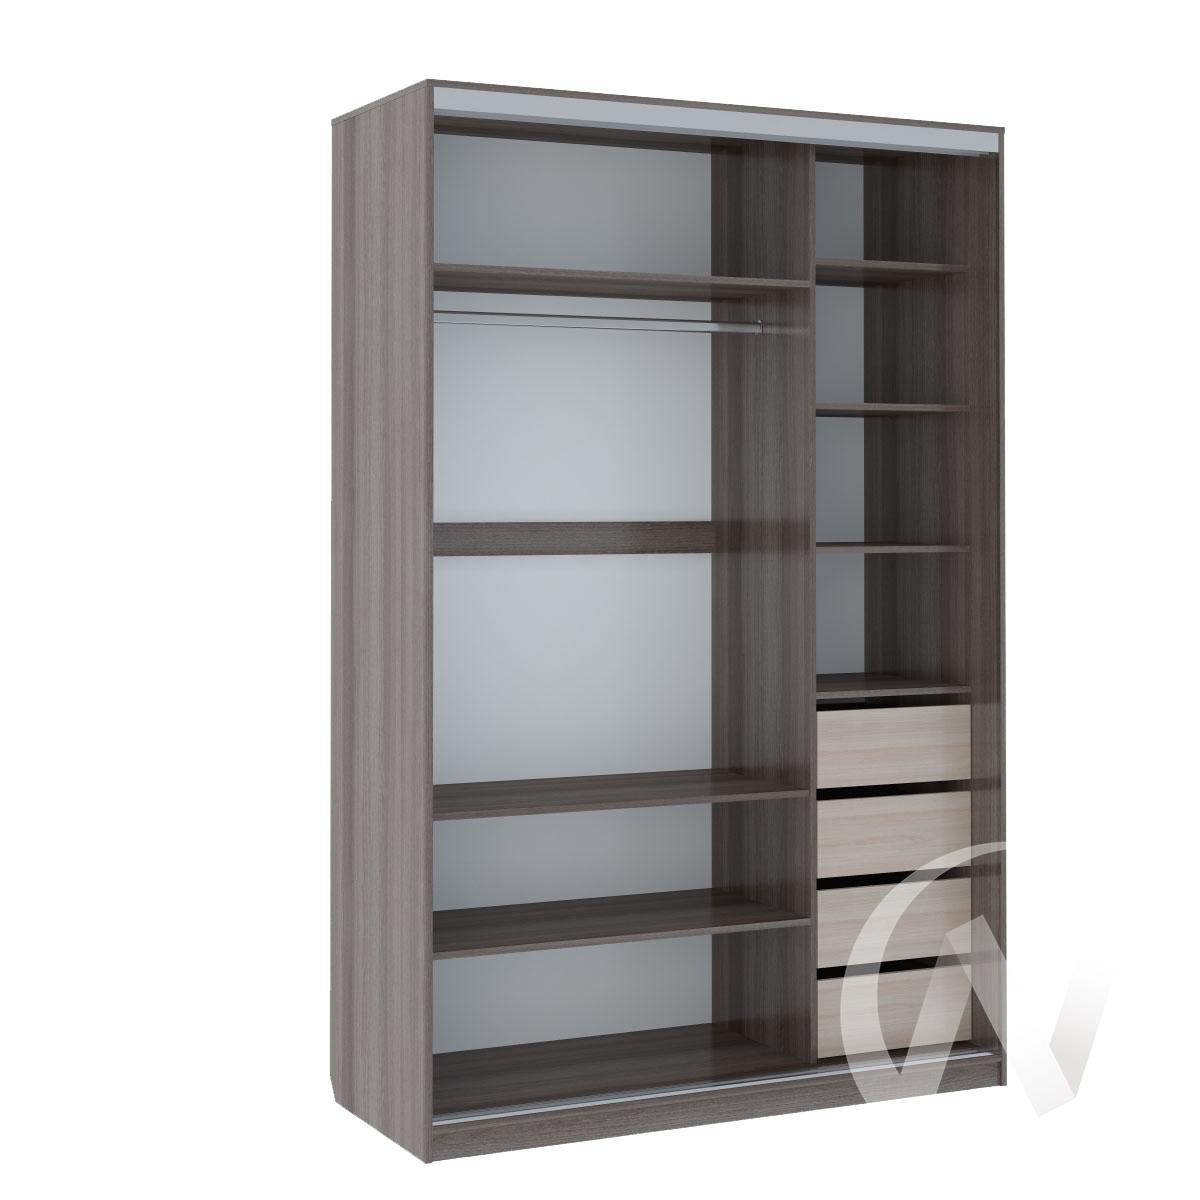 Шкаф-купе «Рене» 2-х дверный стекло матовое (ясень шимо темный/дуб сонома)  в Томске — интернет магазин МИРА-мебель